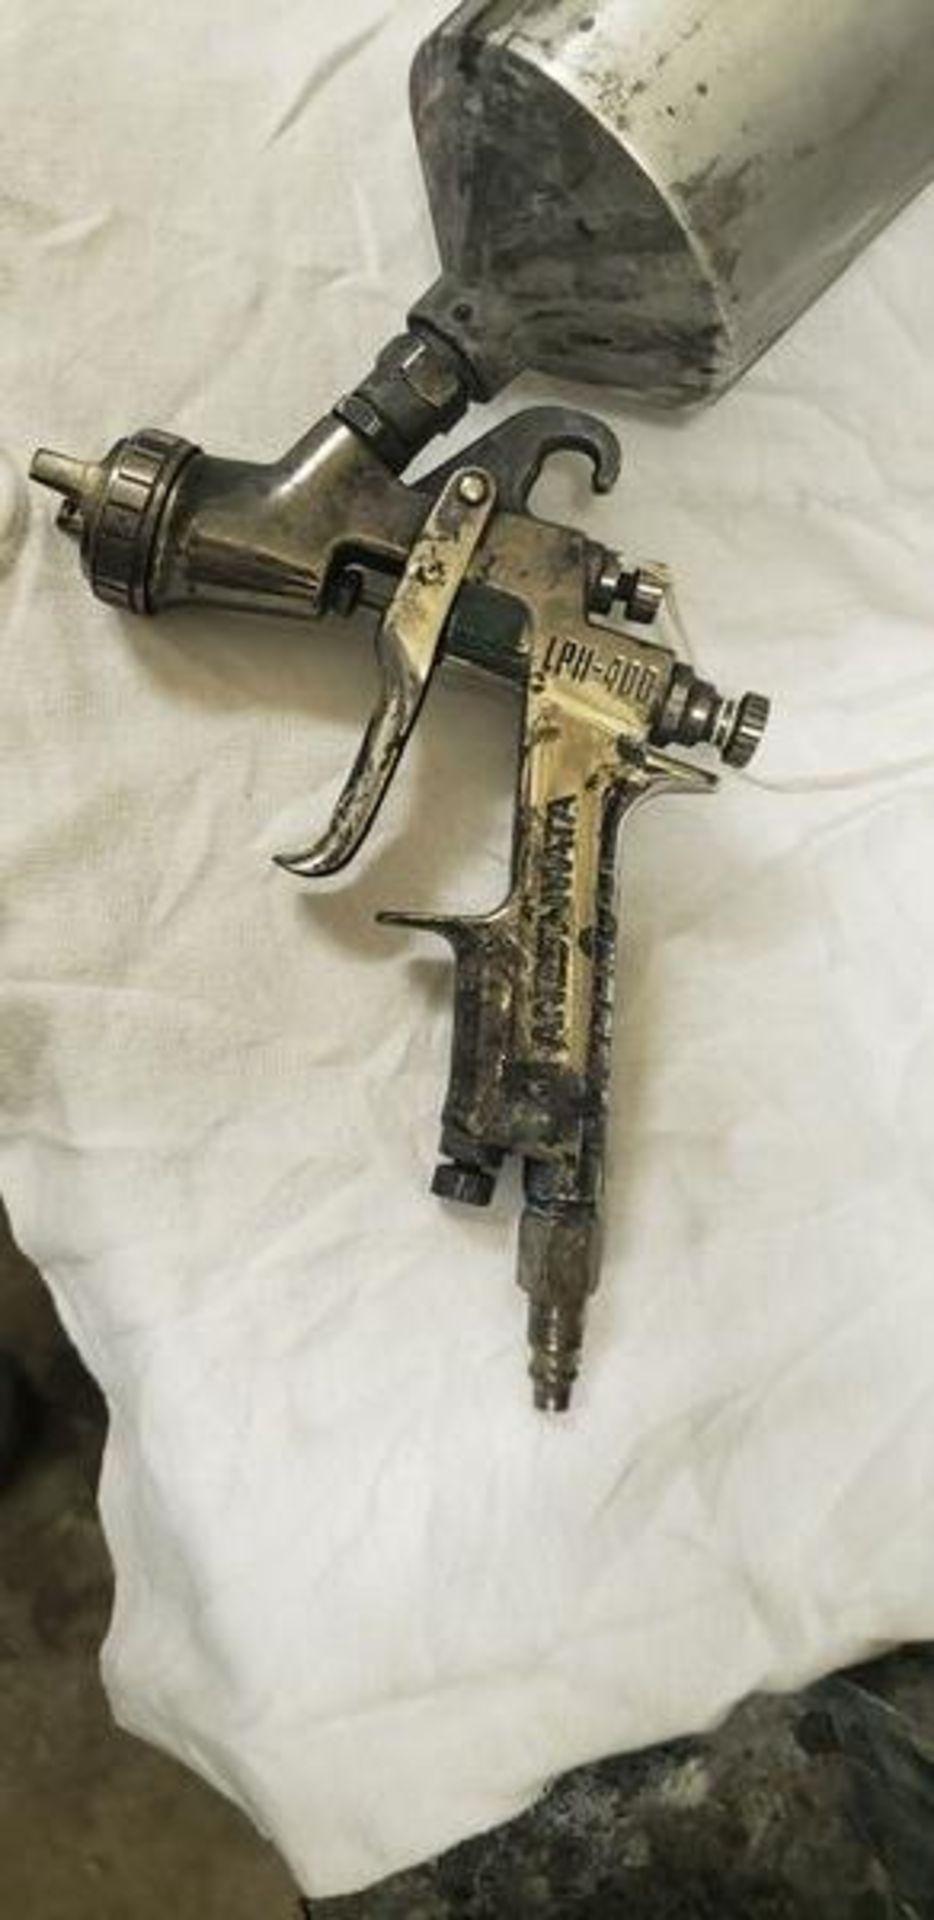 ANESTIWAT LPH 400 SPRAY GUN - Image 3 of 4